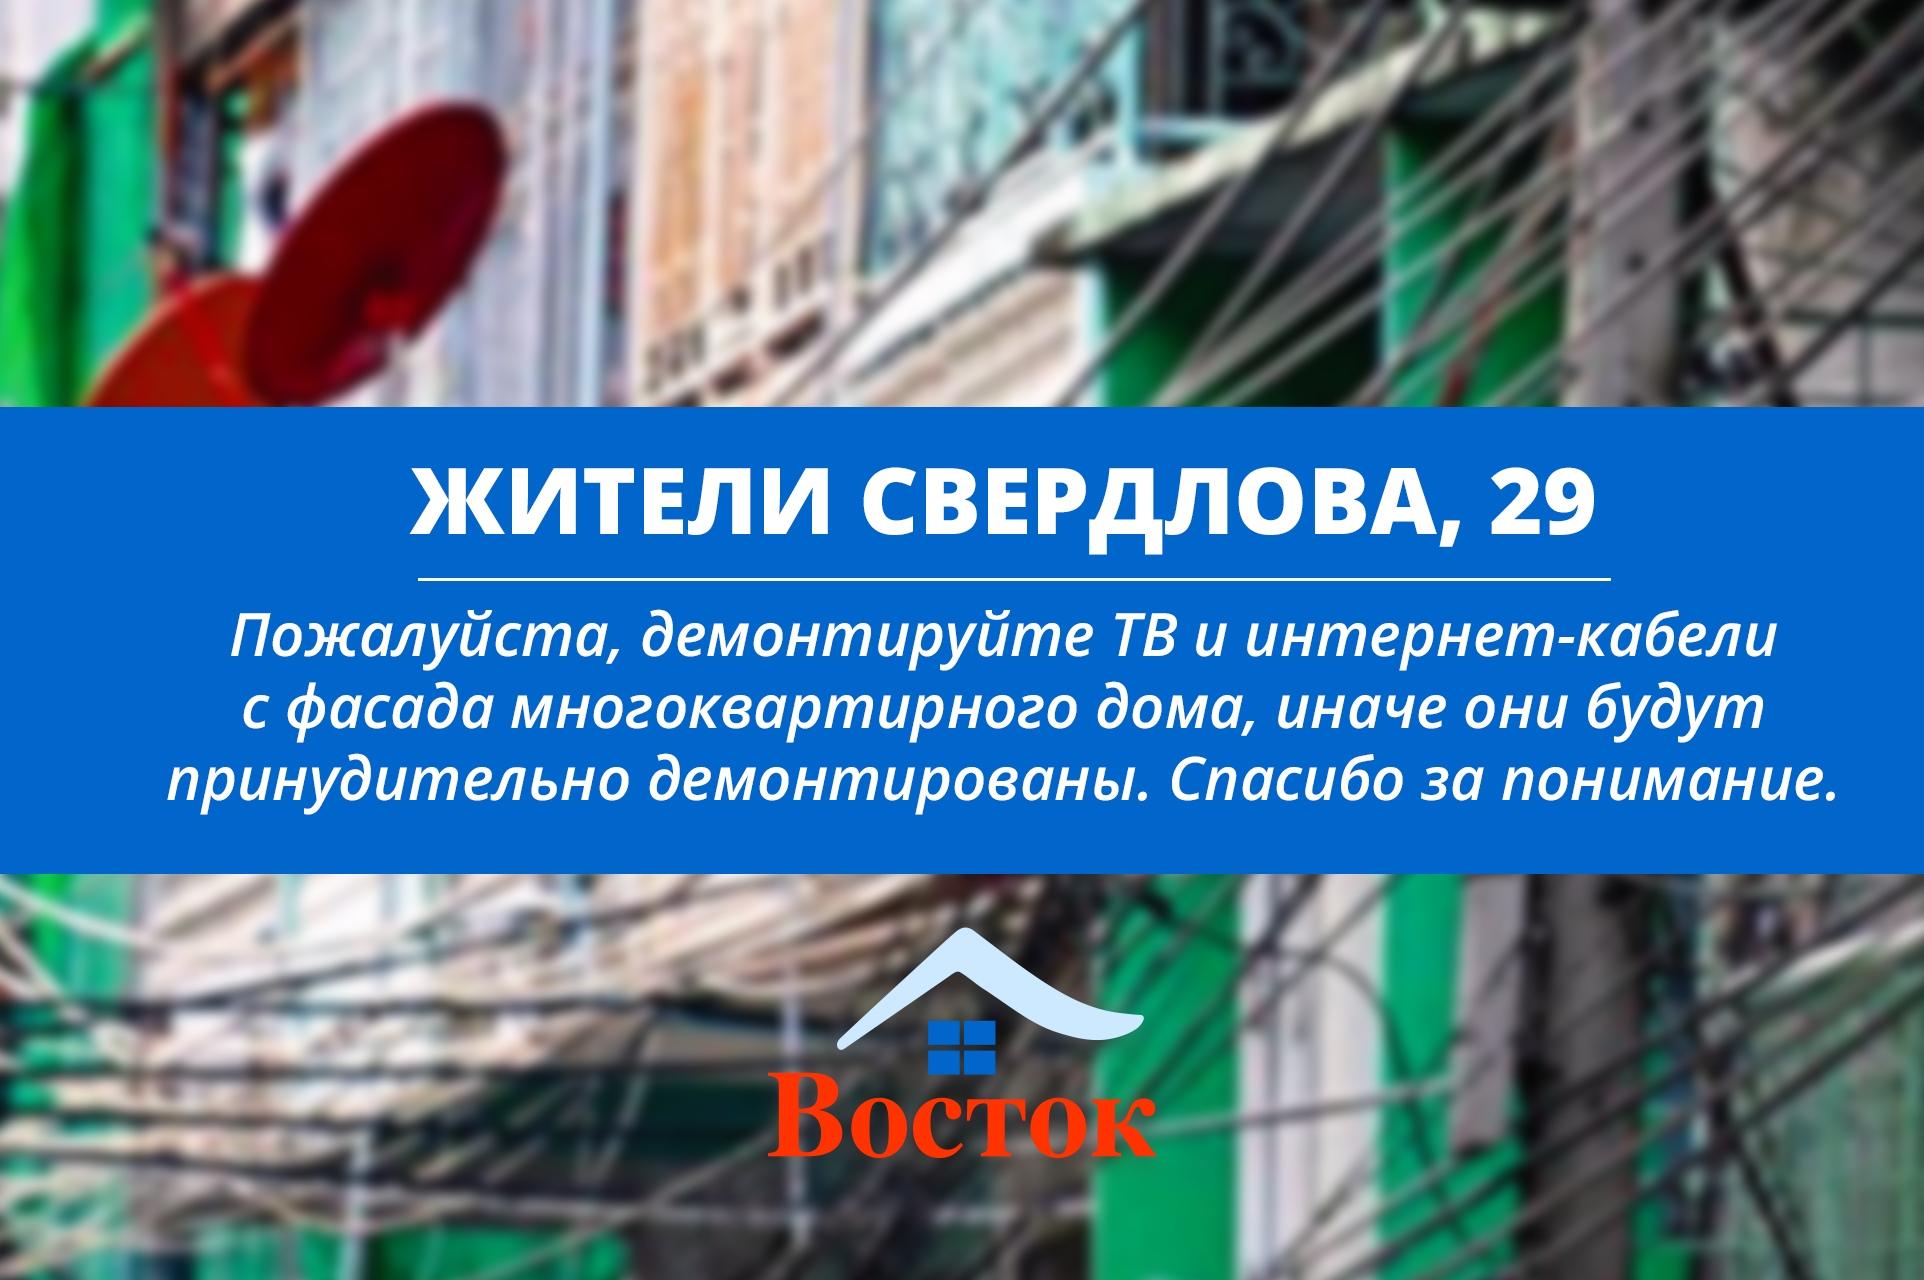 Обращение к жителям Свердлова, 29